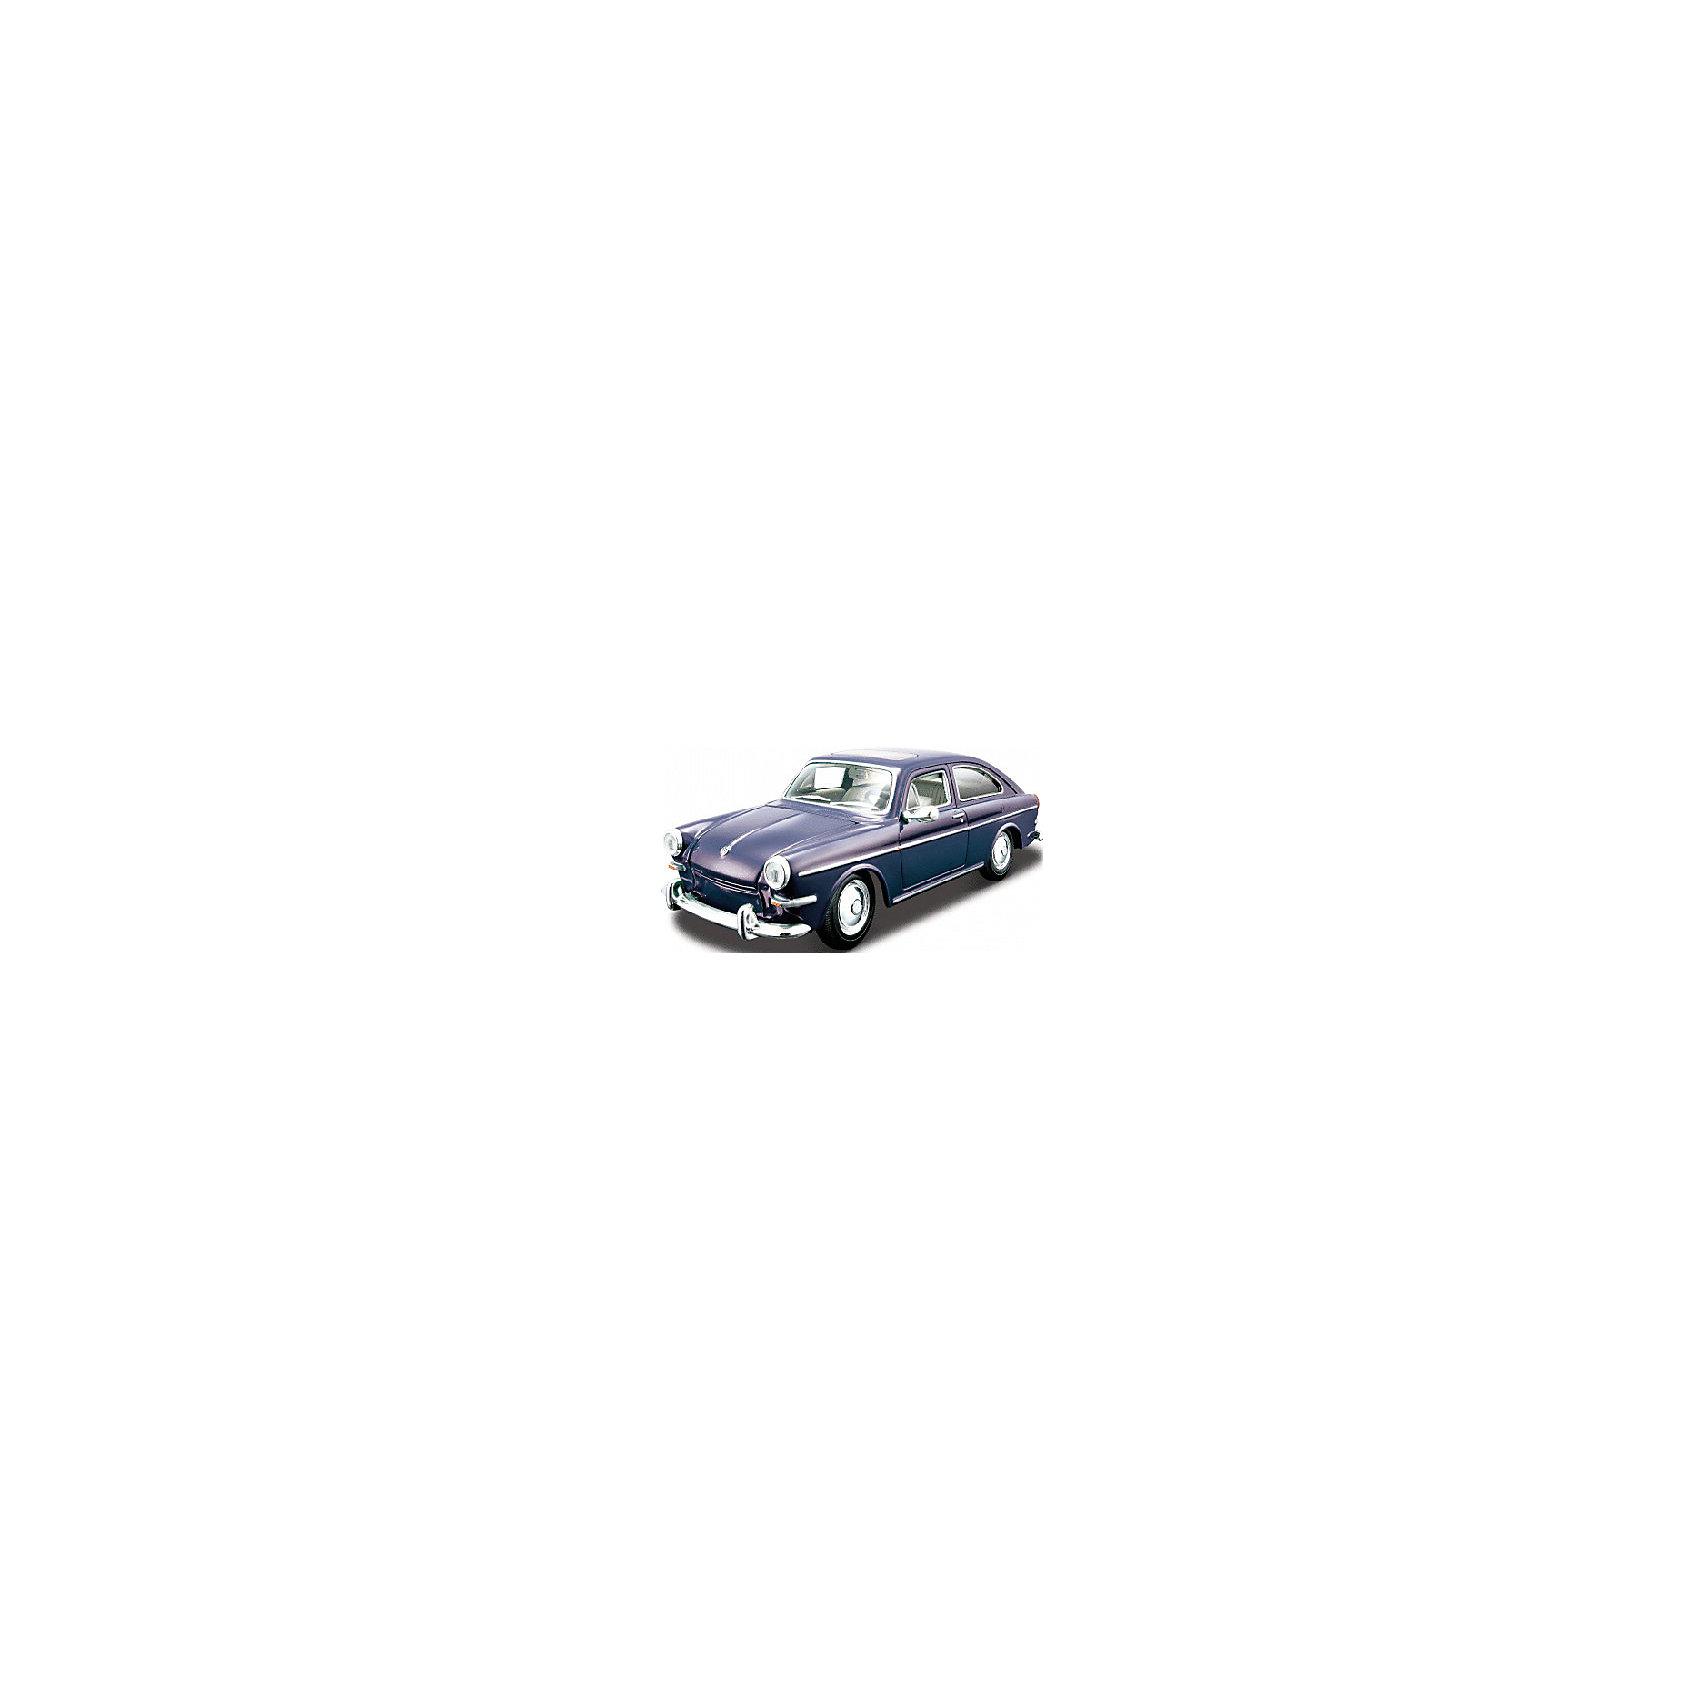 Maisto Фольксваген 1600 Fastback 1:24, Maisto фольксваген гольф 1994г в питере